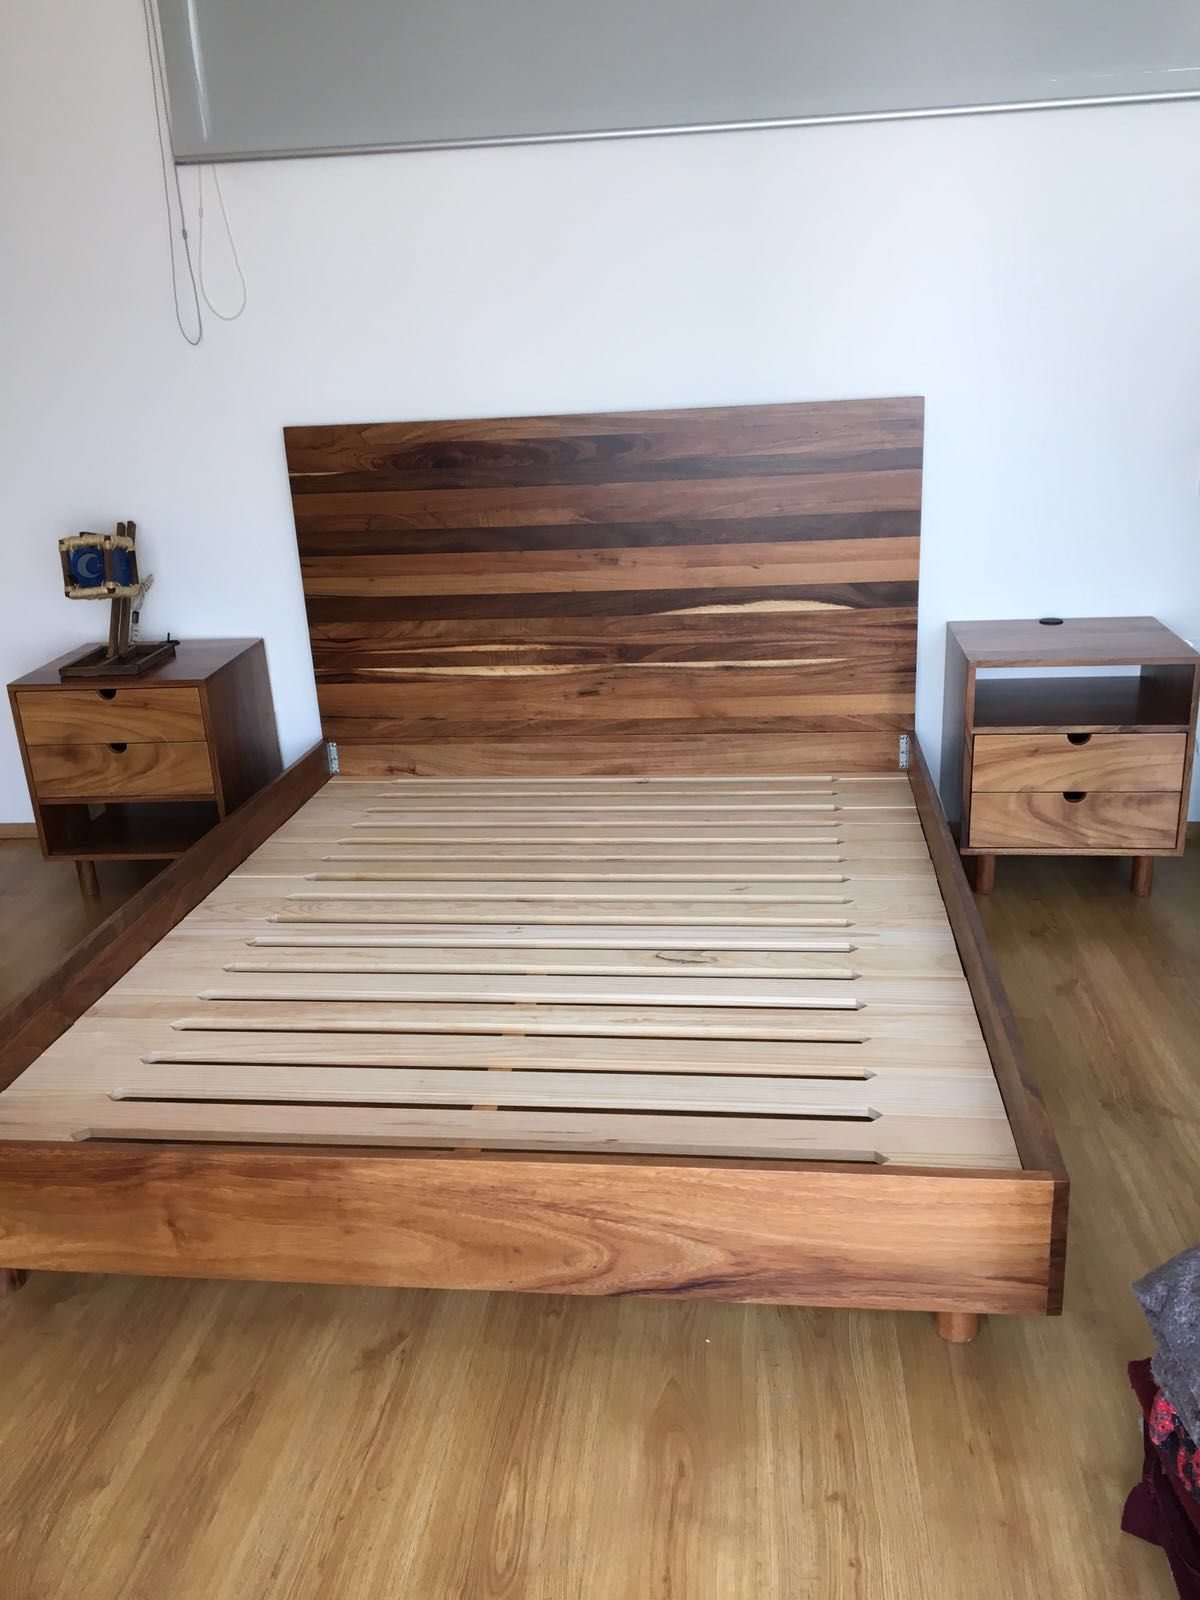 Base de cama y cabecera de madera de huanacastle | Bases de Cama ...